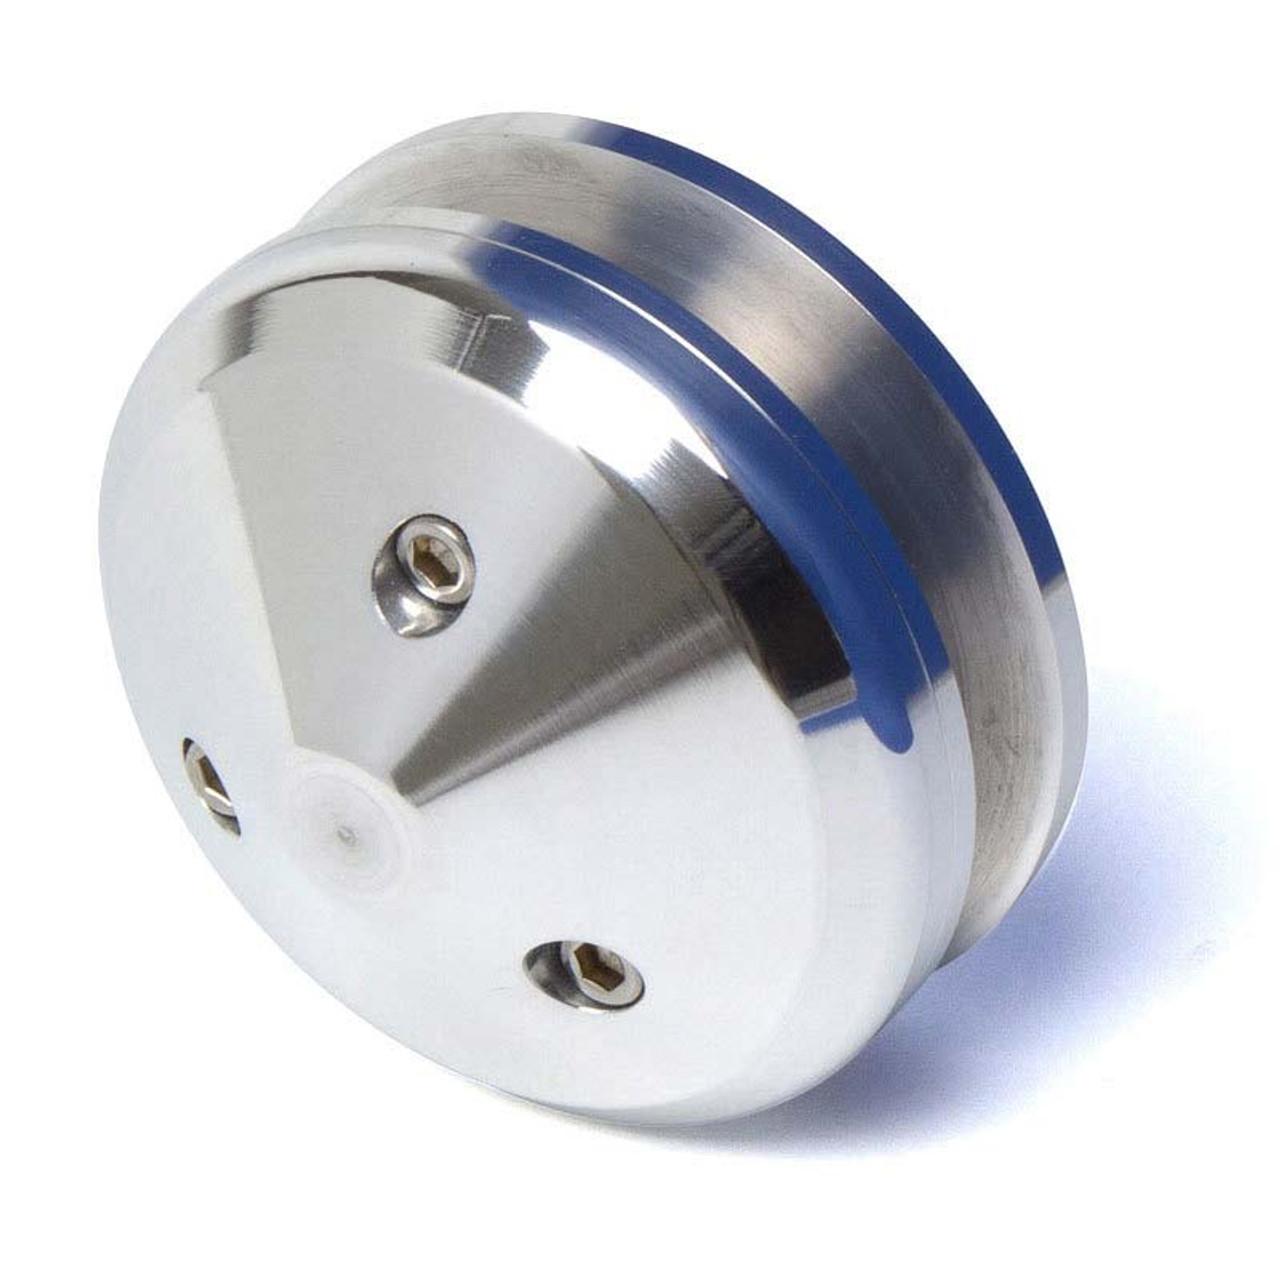 Billet Aluminum Small Block Chevy Alternator Pulley SBC